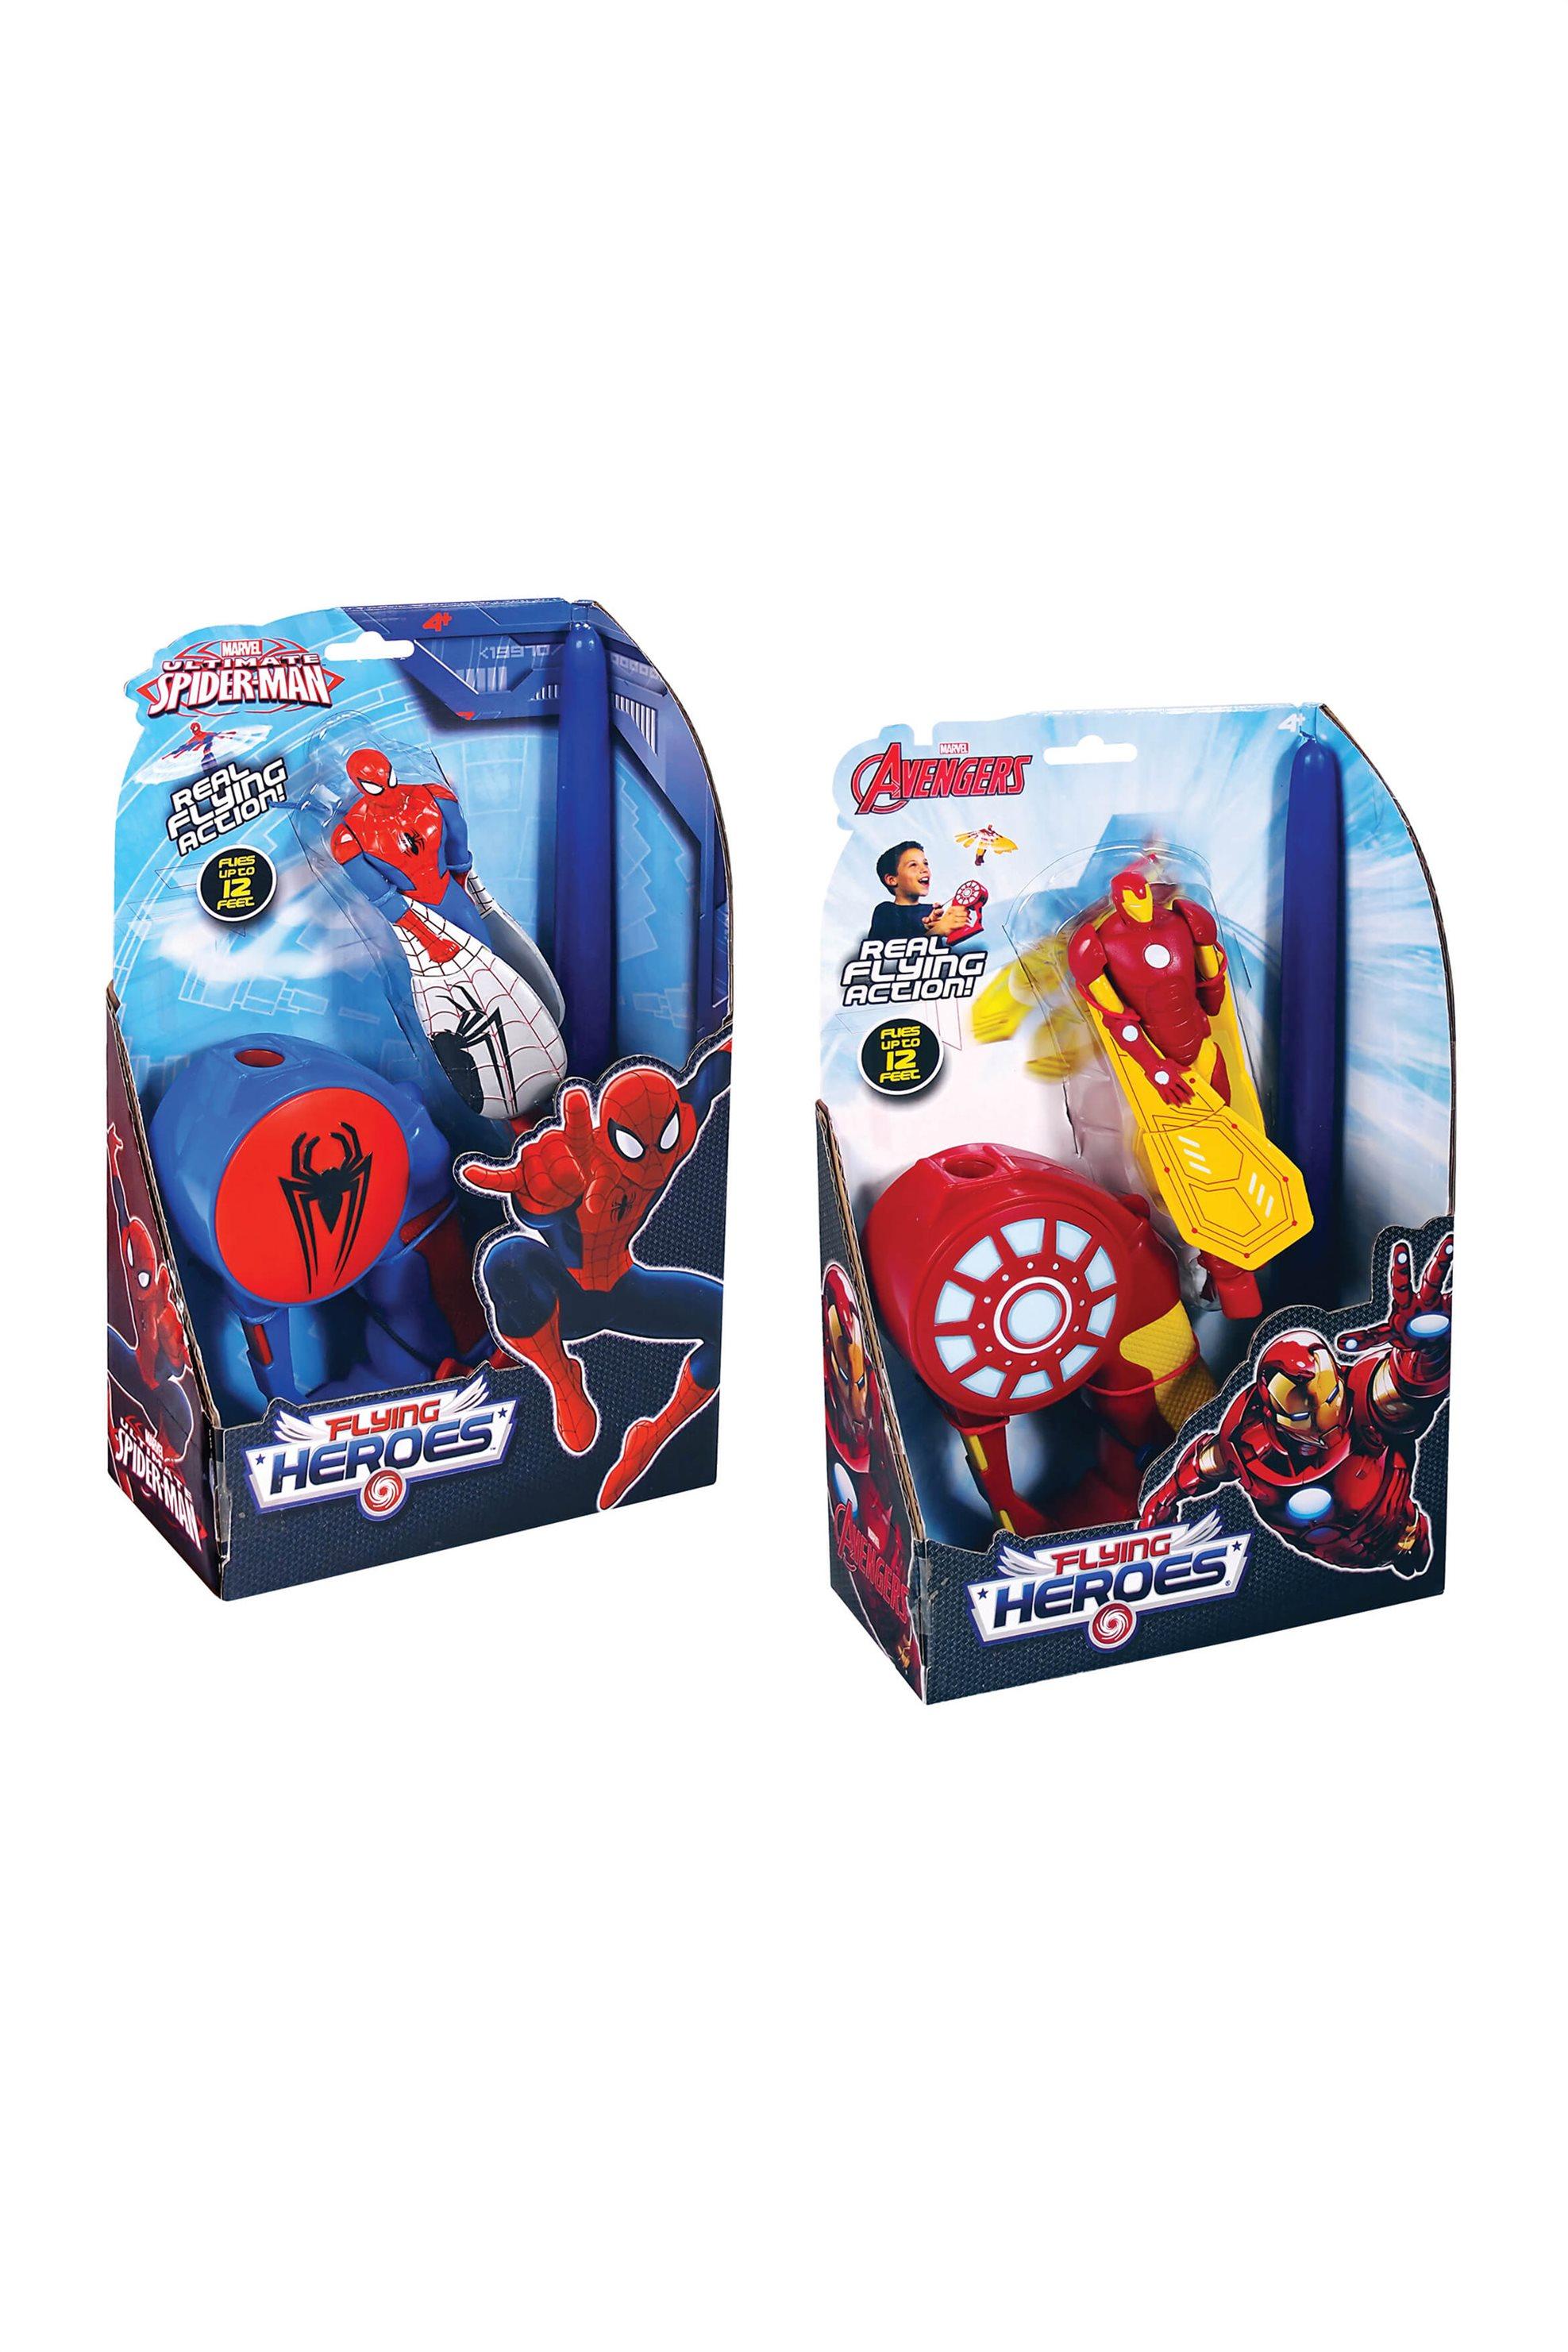 Λαμπάδα flying heroes marvel-2 διαφορετικά σχέδια ΑS - 1500-15634 παιδι   παιχνιδια   παιχνιδολαμπάδες